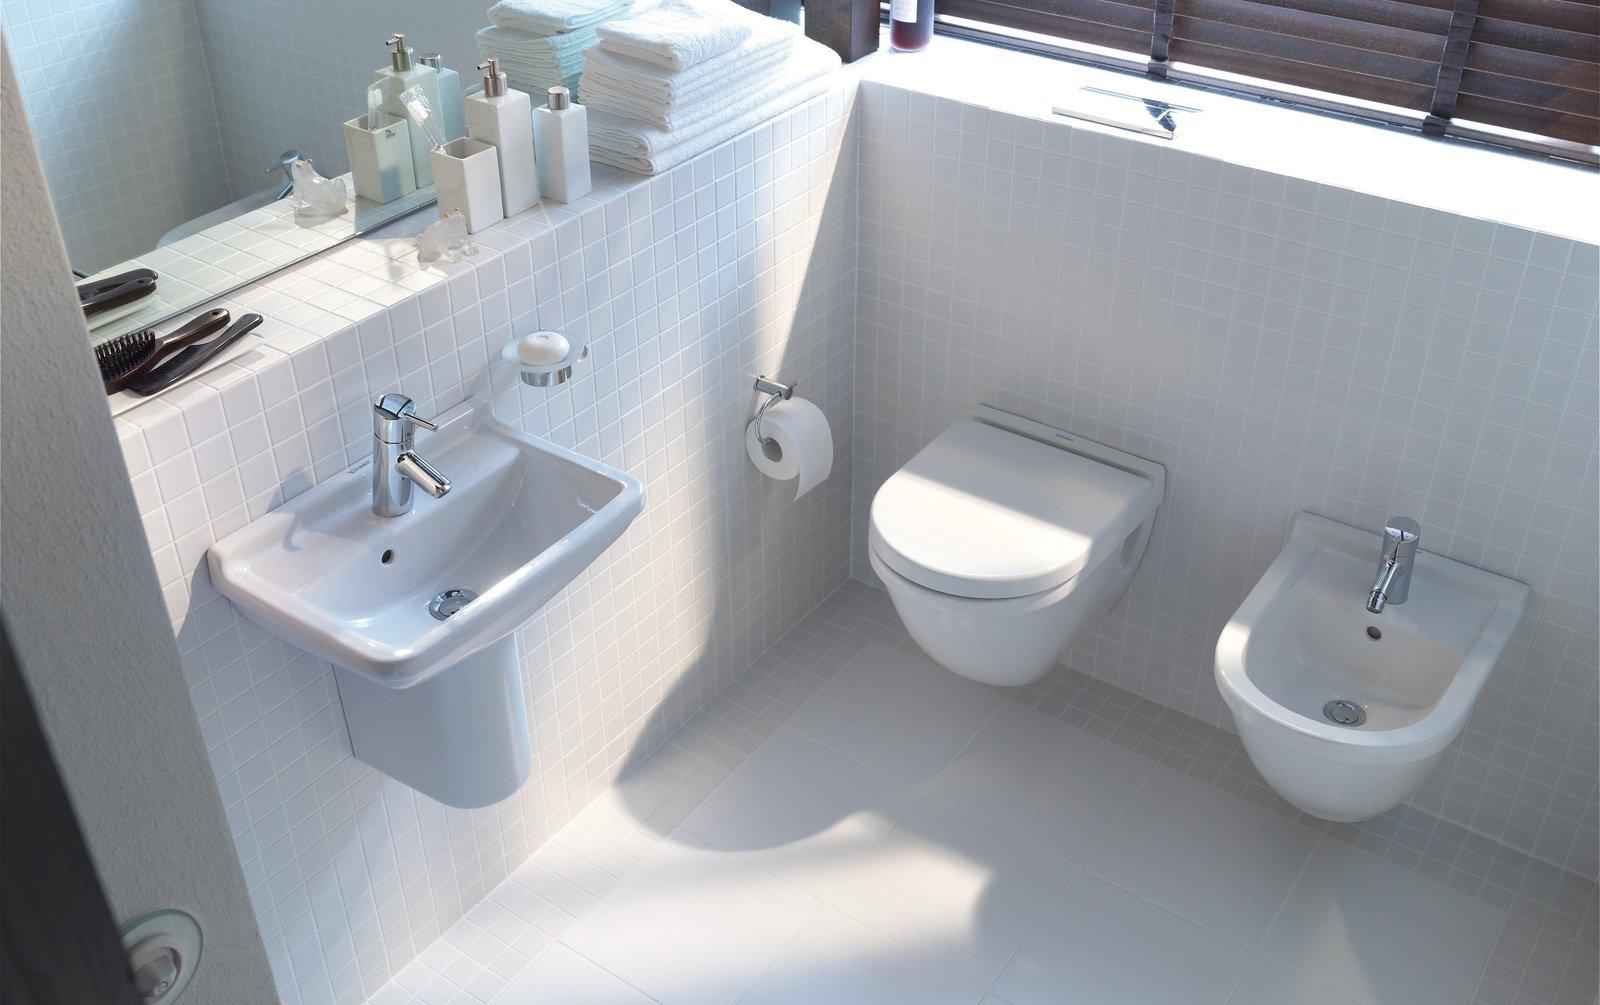 Ristrutturare il bagno 10 informazioni utili cose di casa - Come sbiancare i sanitari del bagno ...